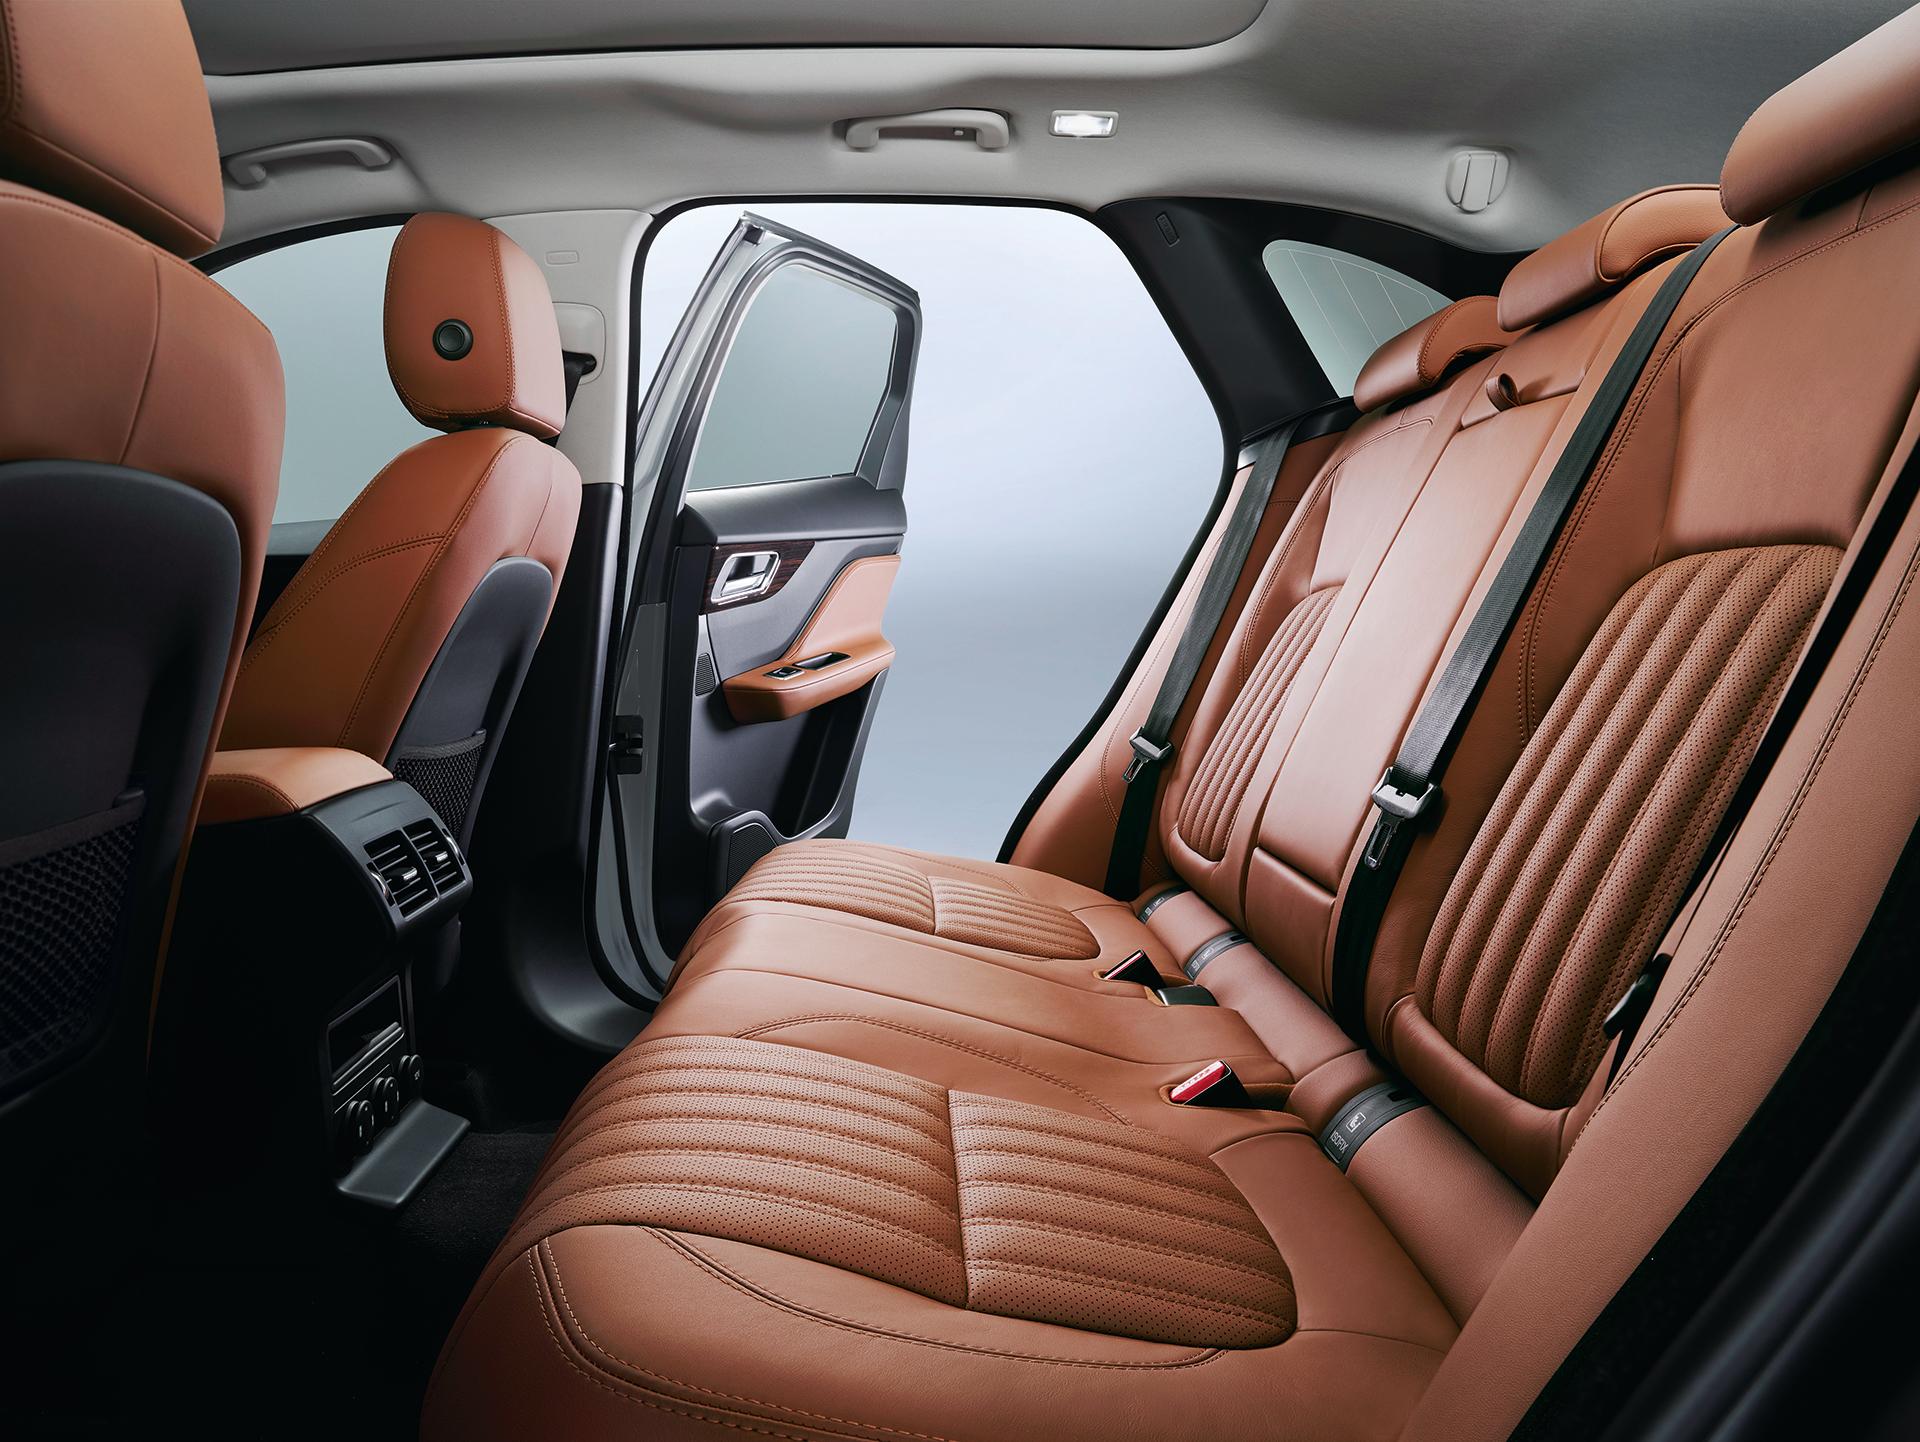 Jaguar F-PACE - rear interior / intérieur arrière